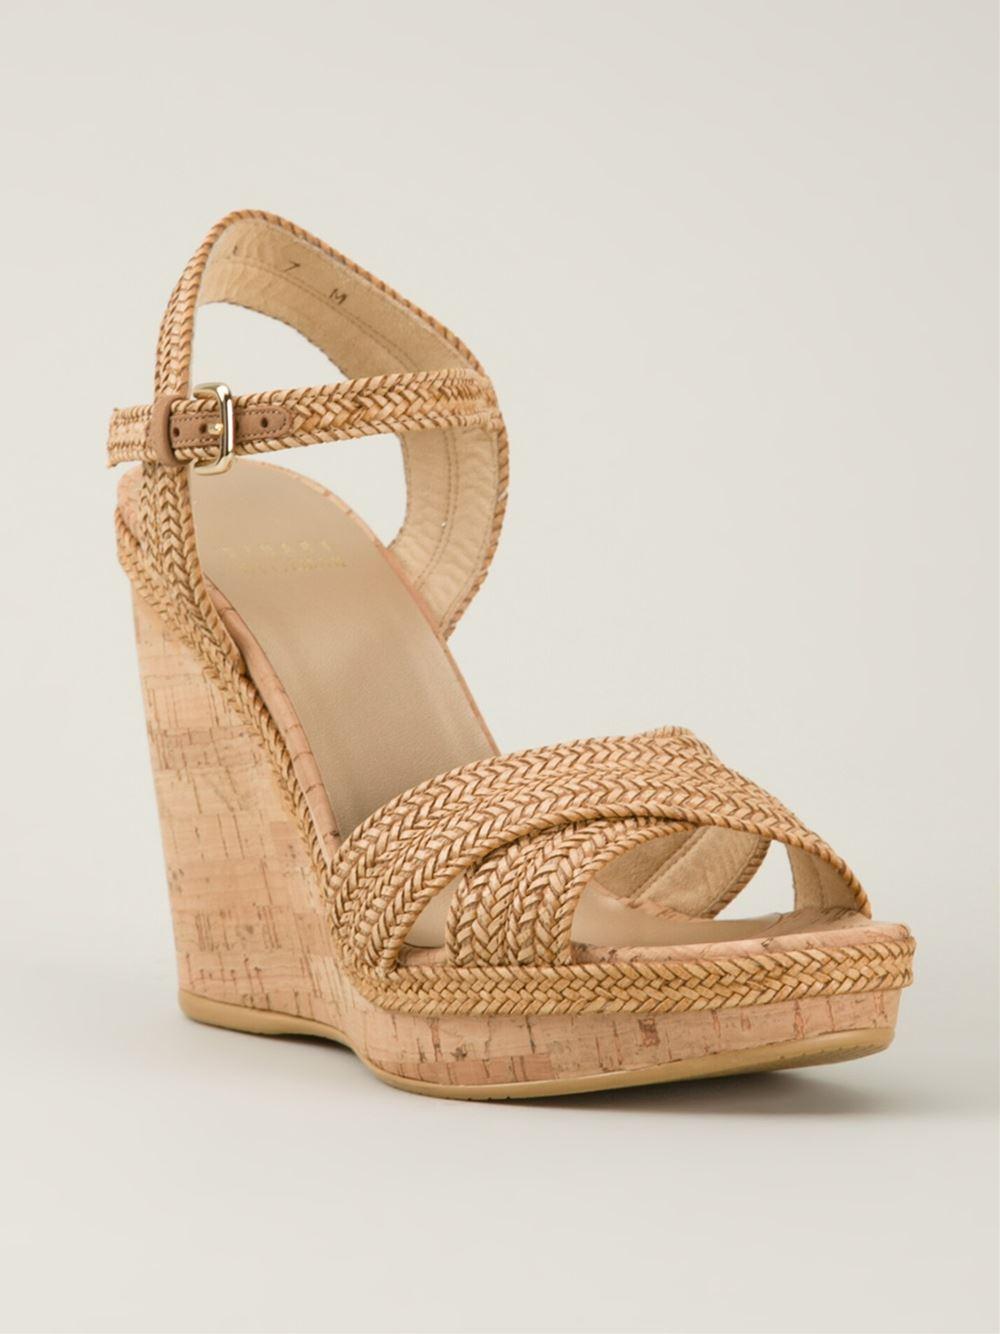 Lyst Stuart Weitzman Minx Wedged Sandals In Natural